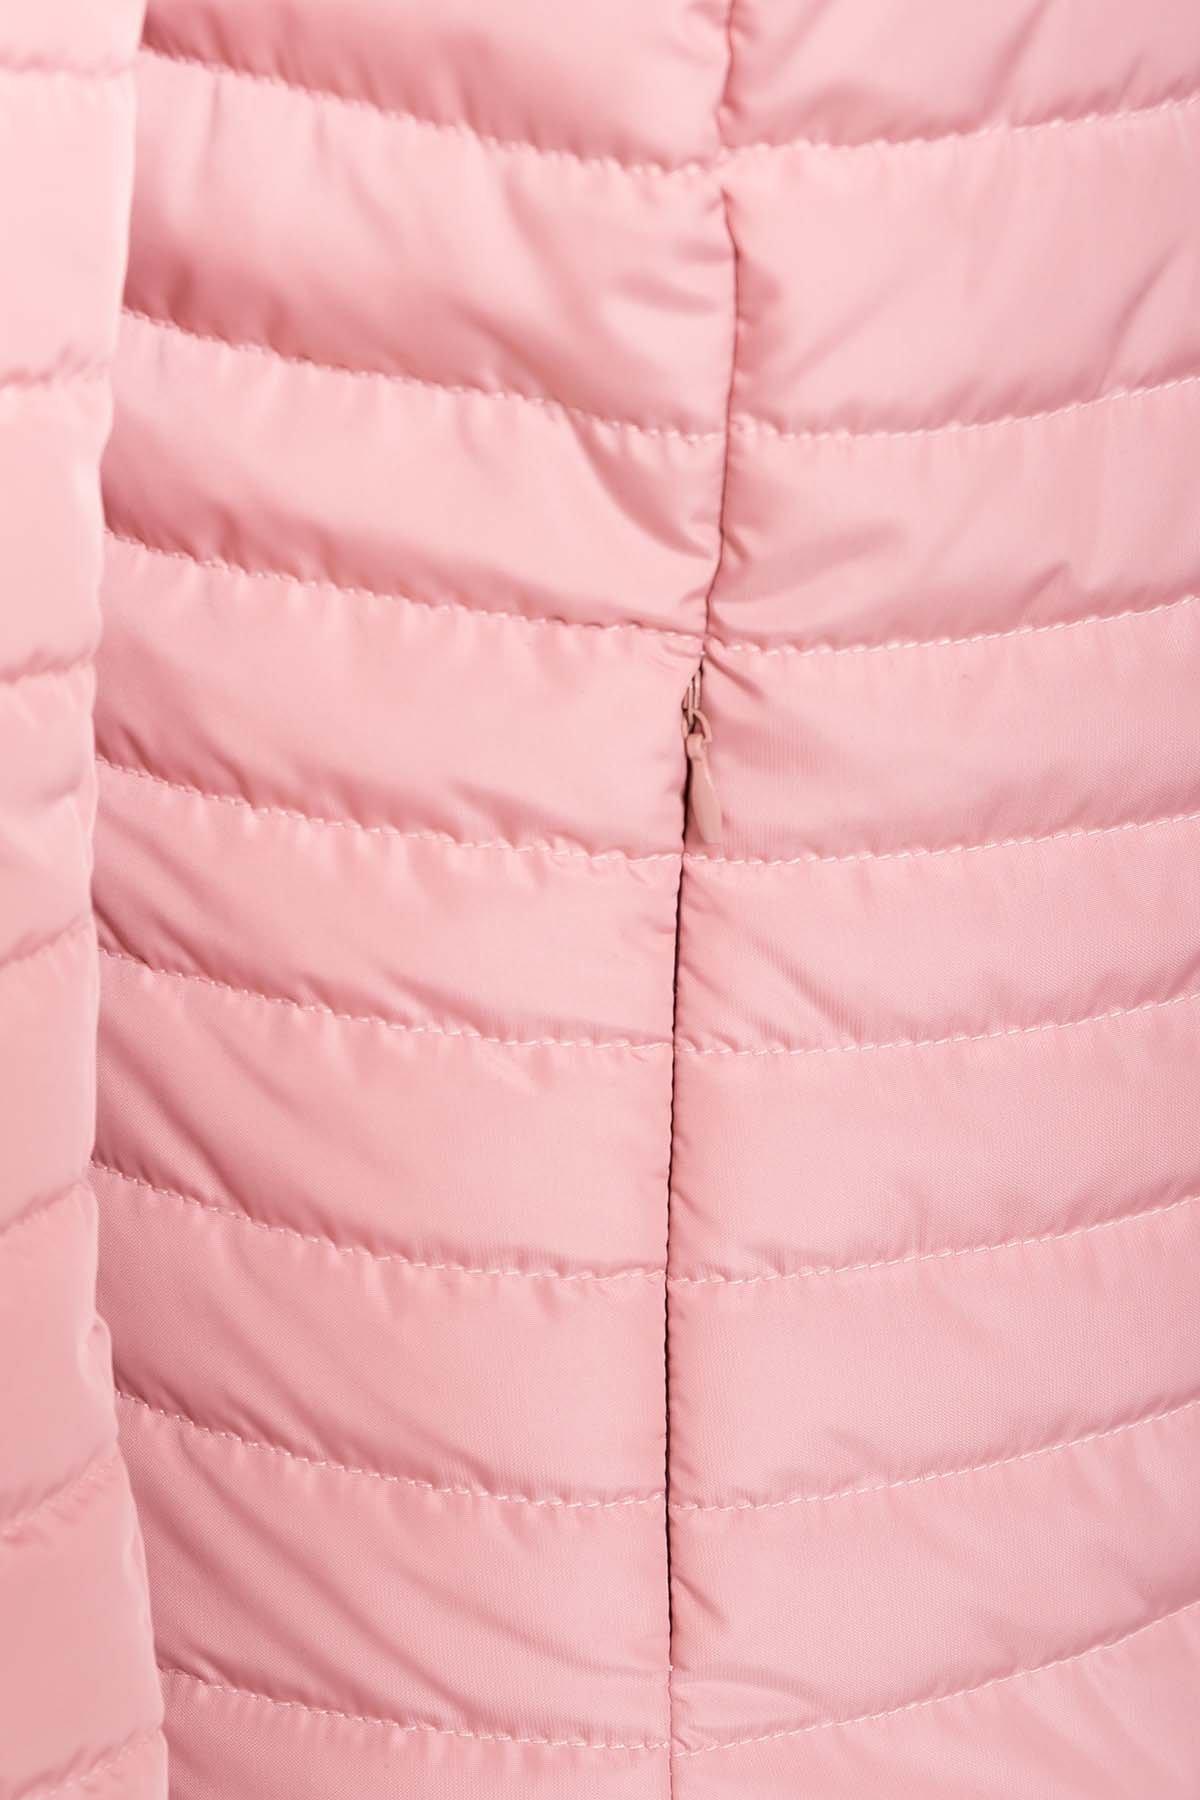 Куртка Флориса лайт 6416 АРТ. 41333 Цвет: Пудра - фото 5, интернет магазин tm-modus.ru